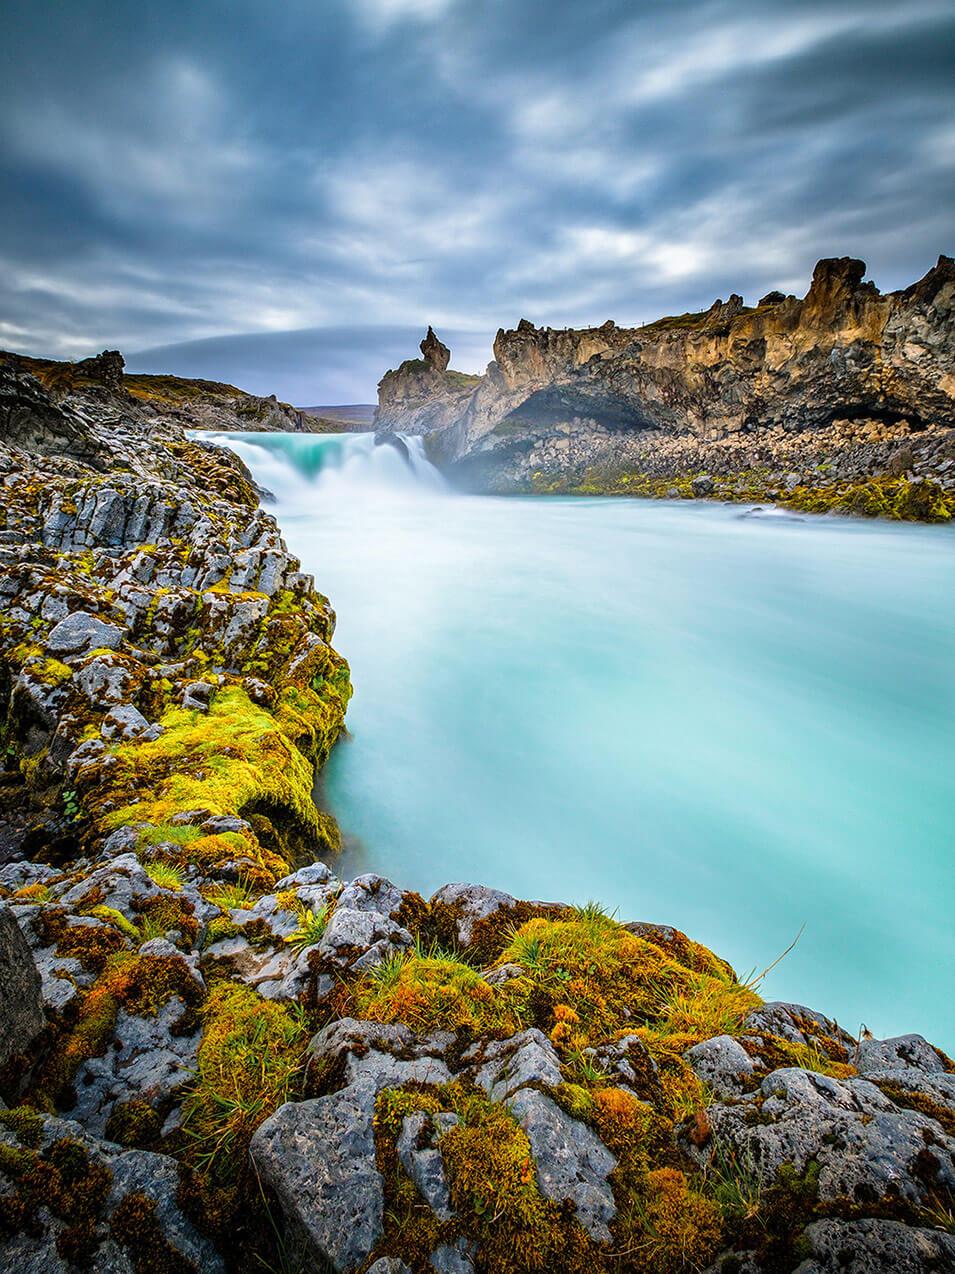 Een fotoreis naar IJsland met de Fujifilm X-T2 - 5